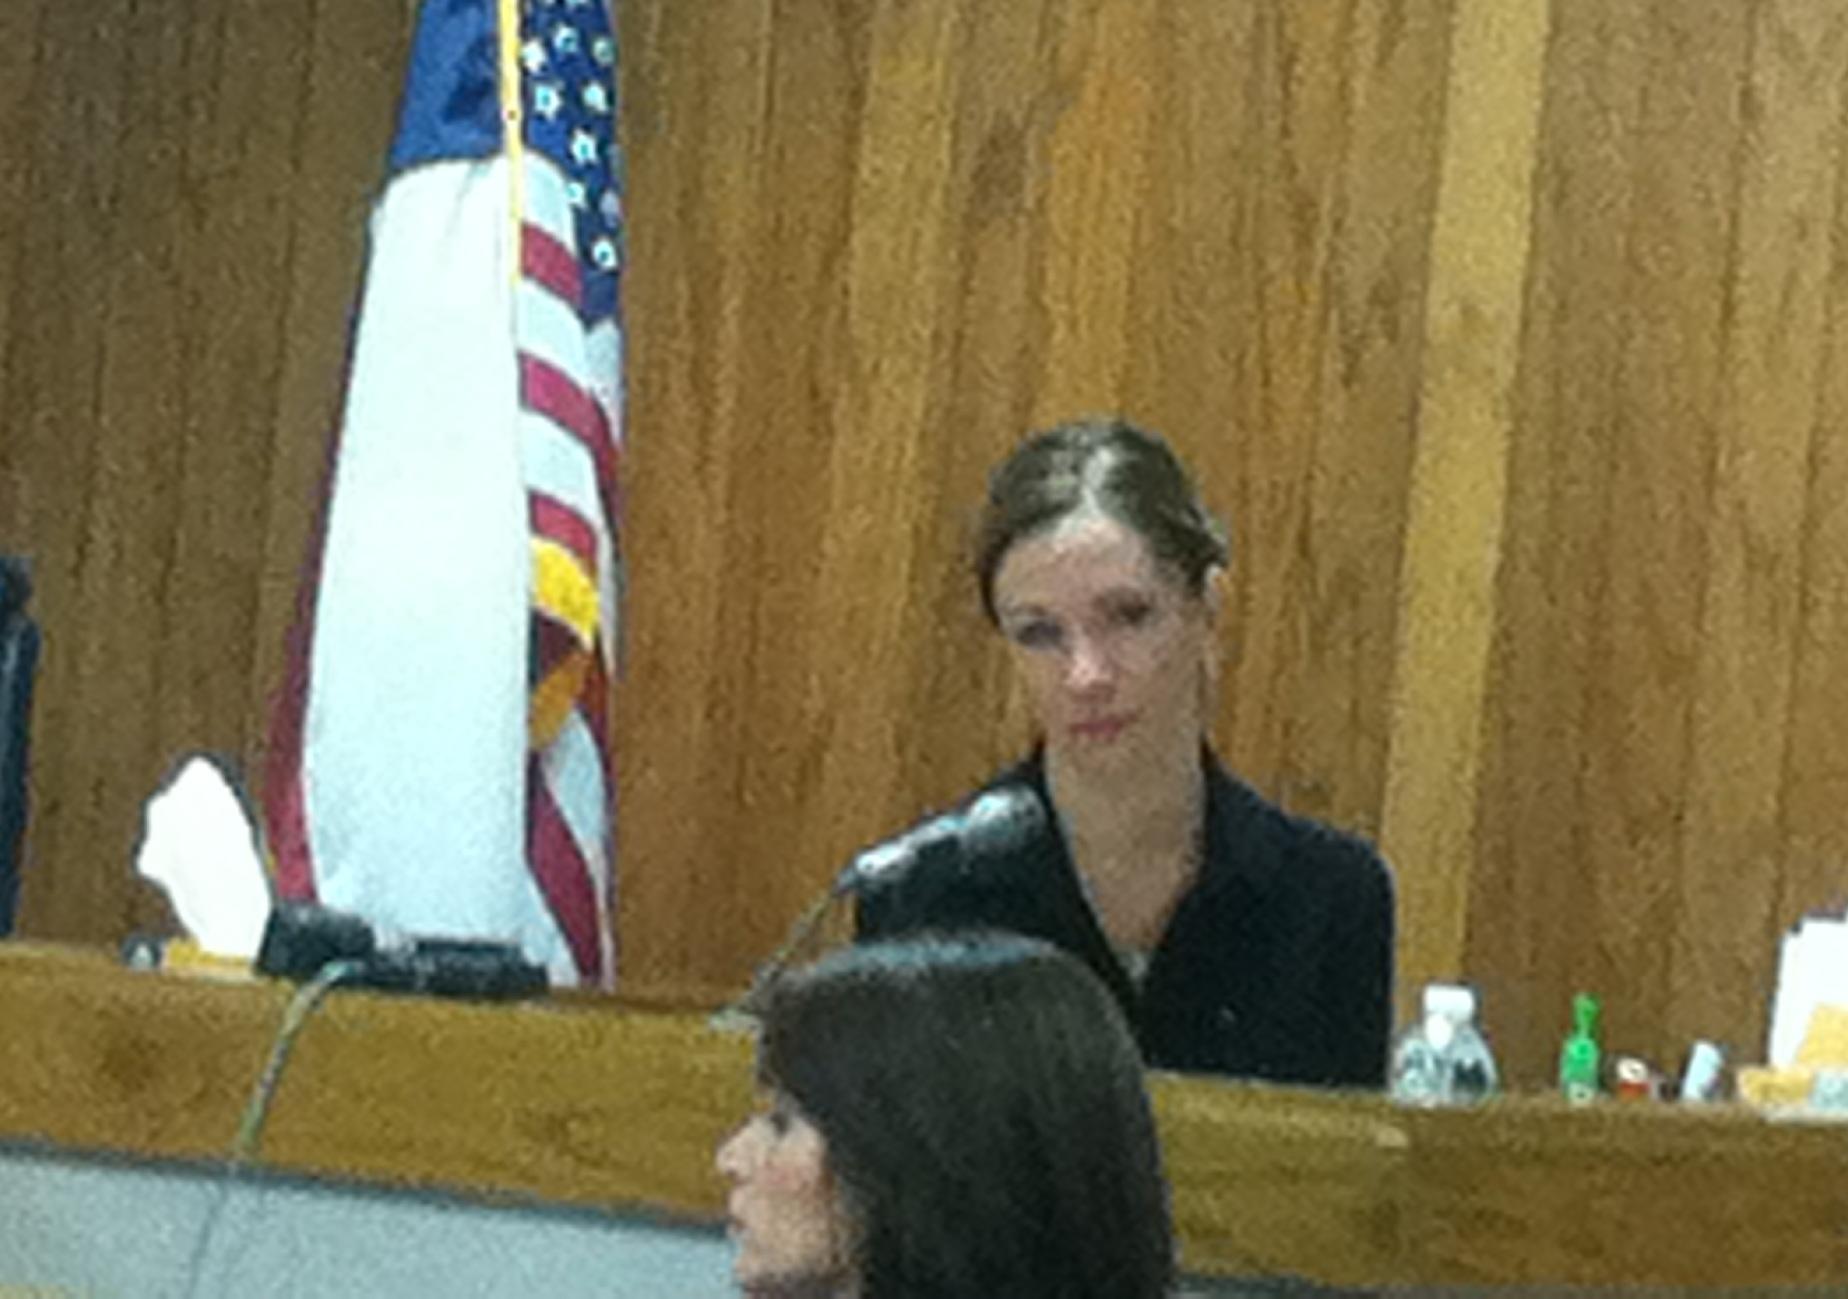 Mom S Testimony Brings Jury To Tears San Antonio Express